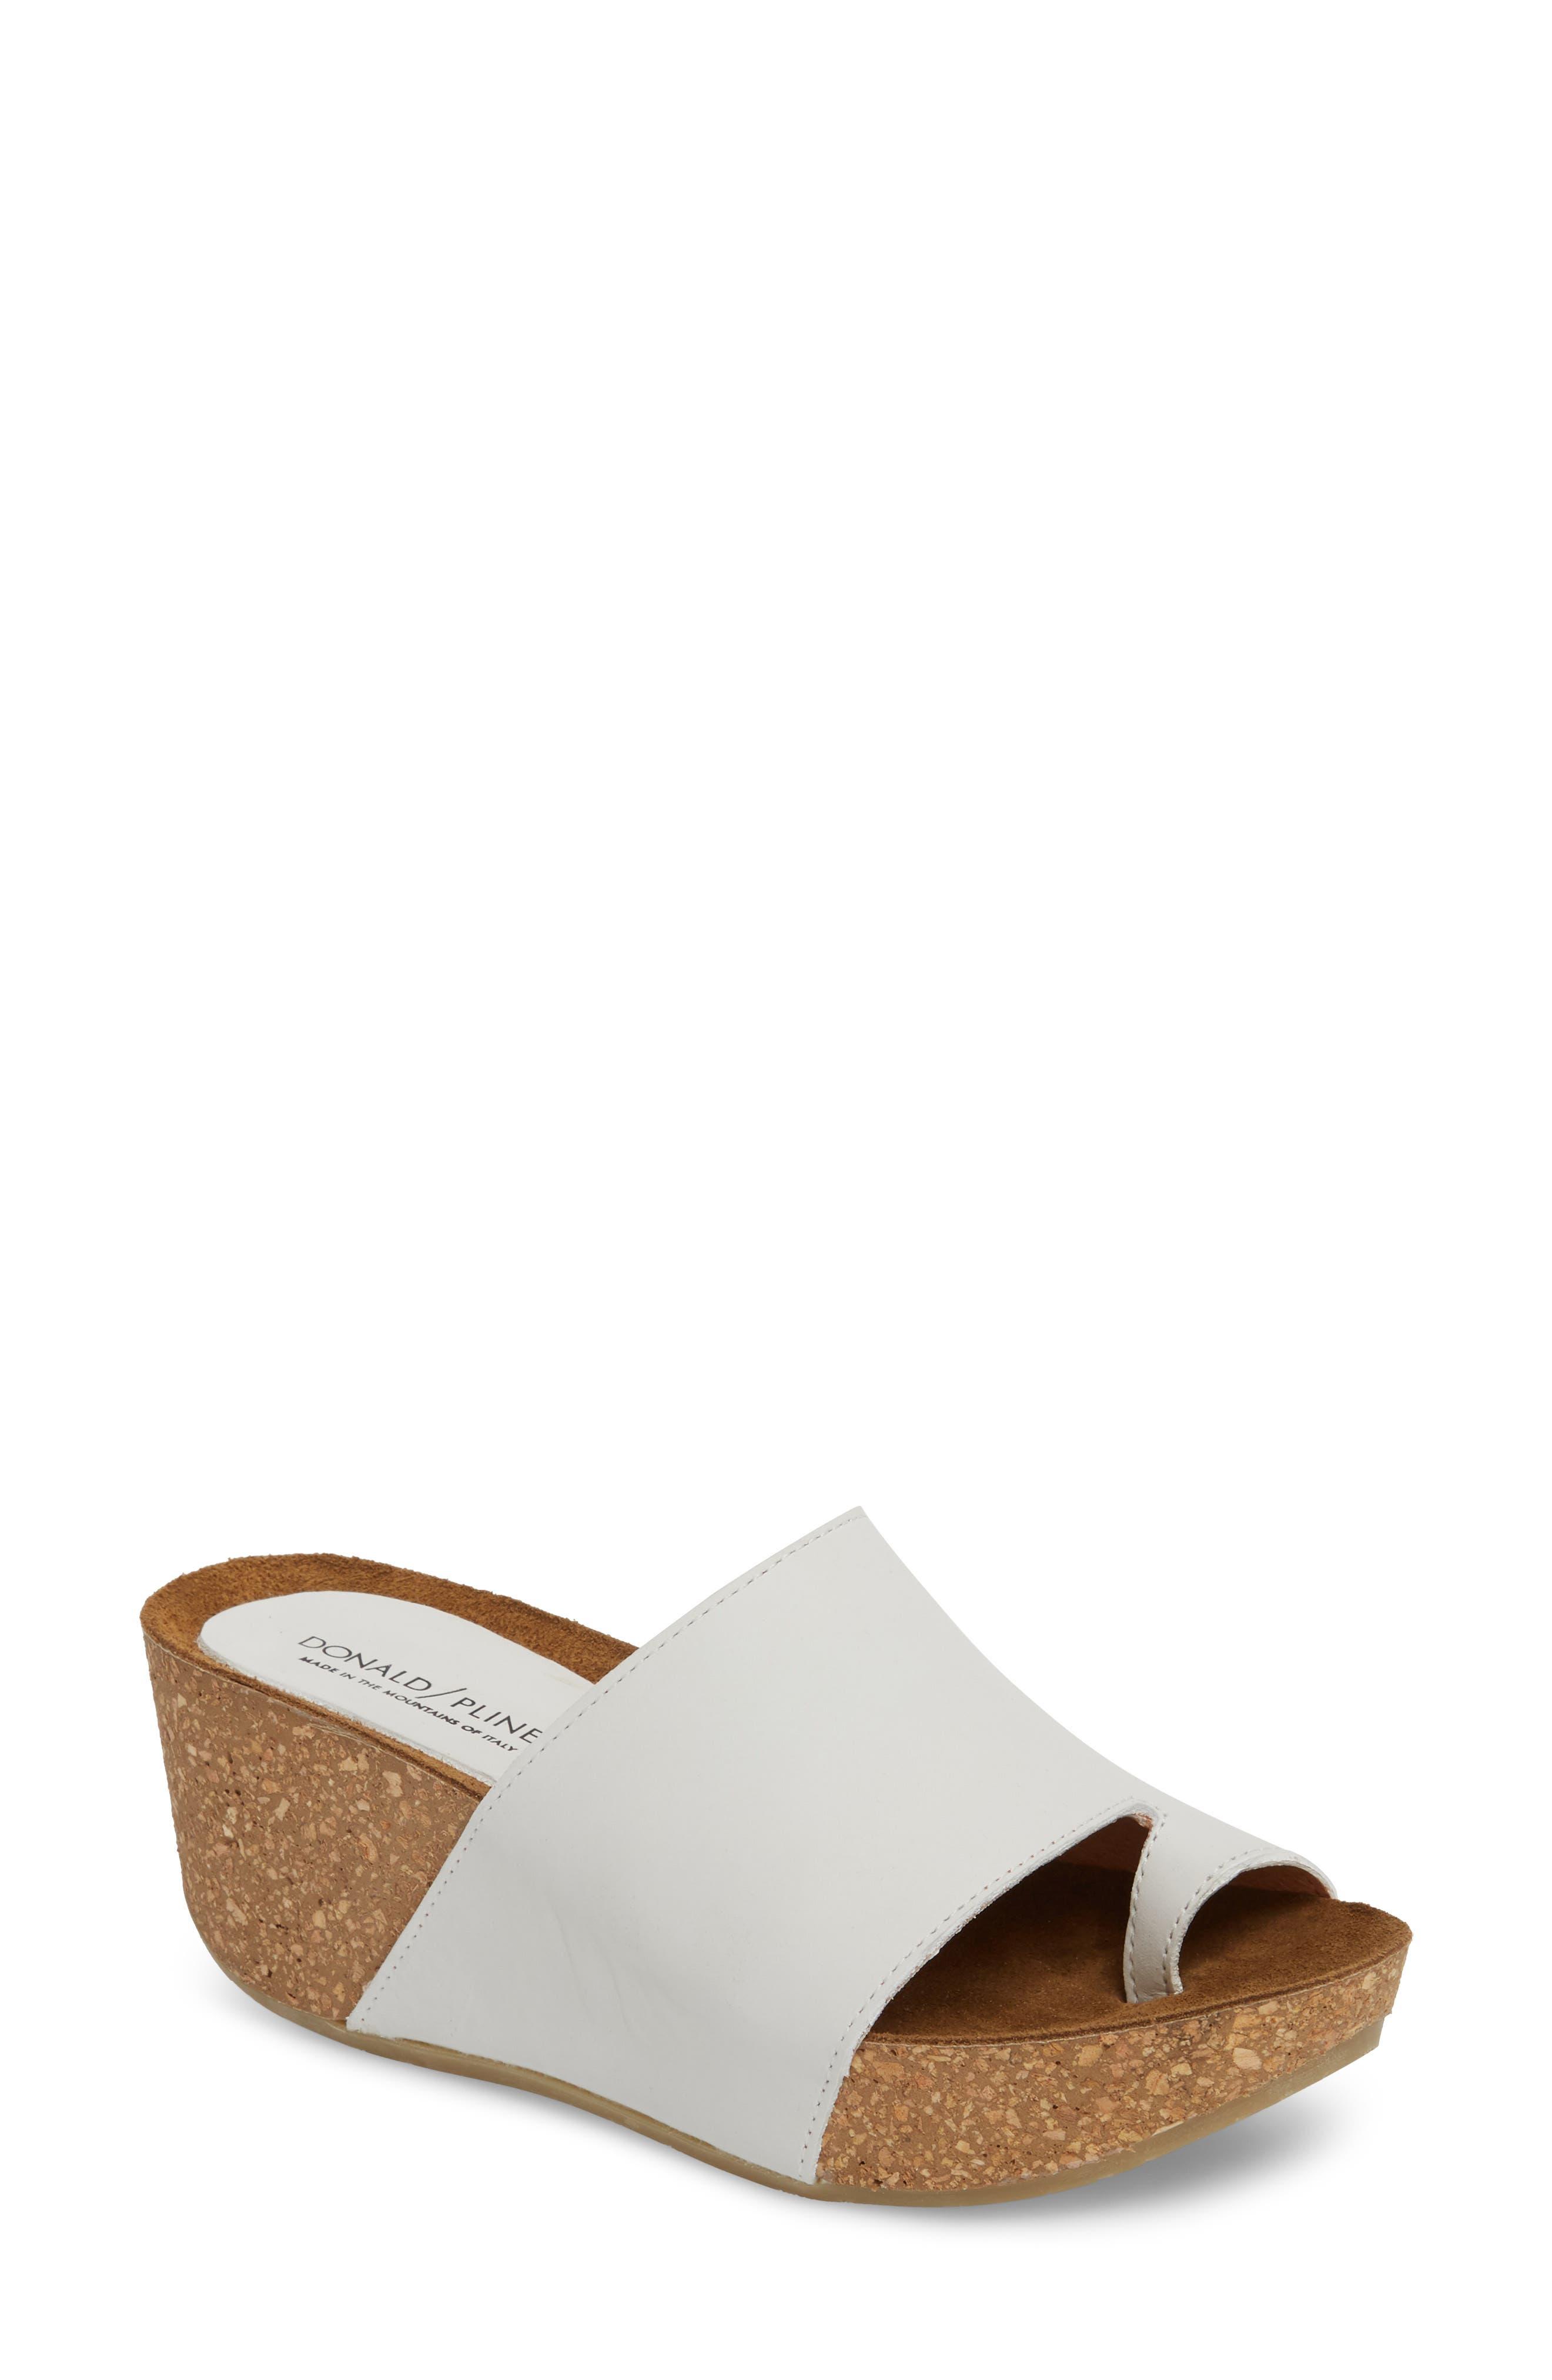 Donald J Pliner Ginie Platform Wedge Sandal,                         Main,                         color, Bone Leather